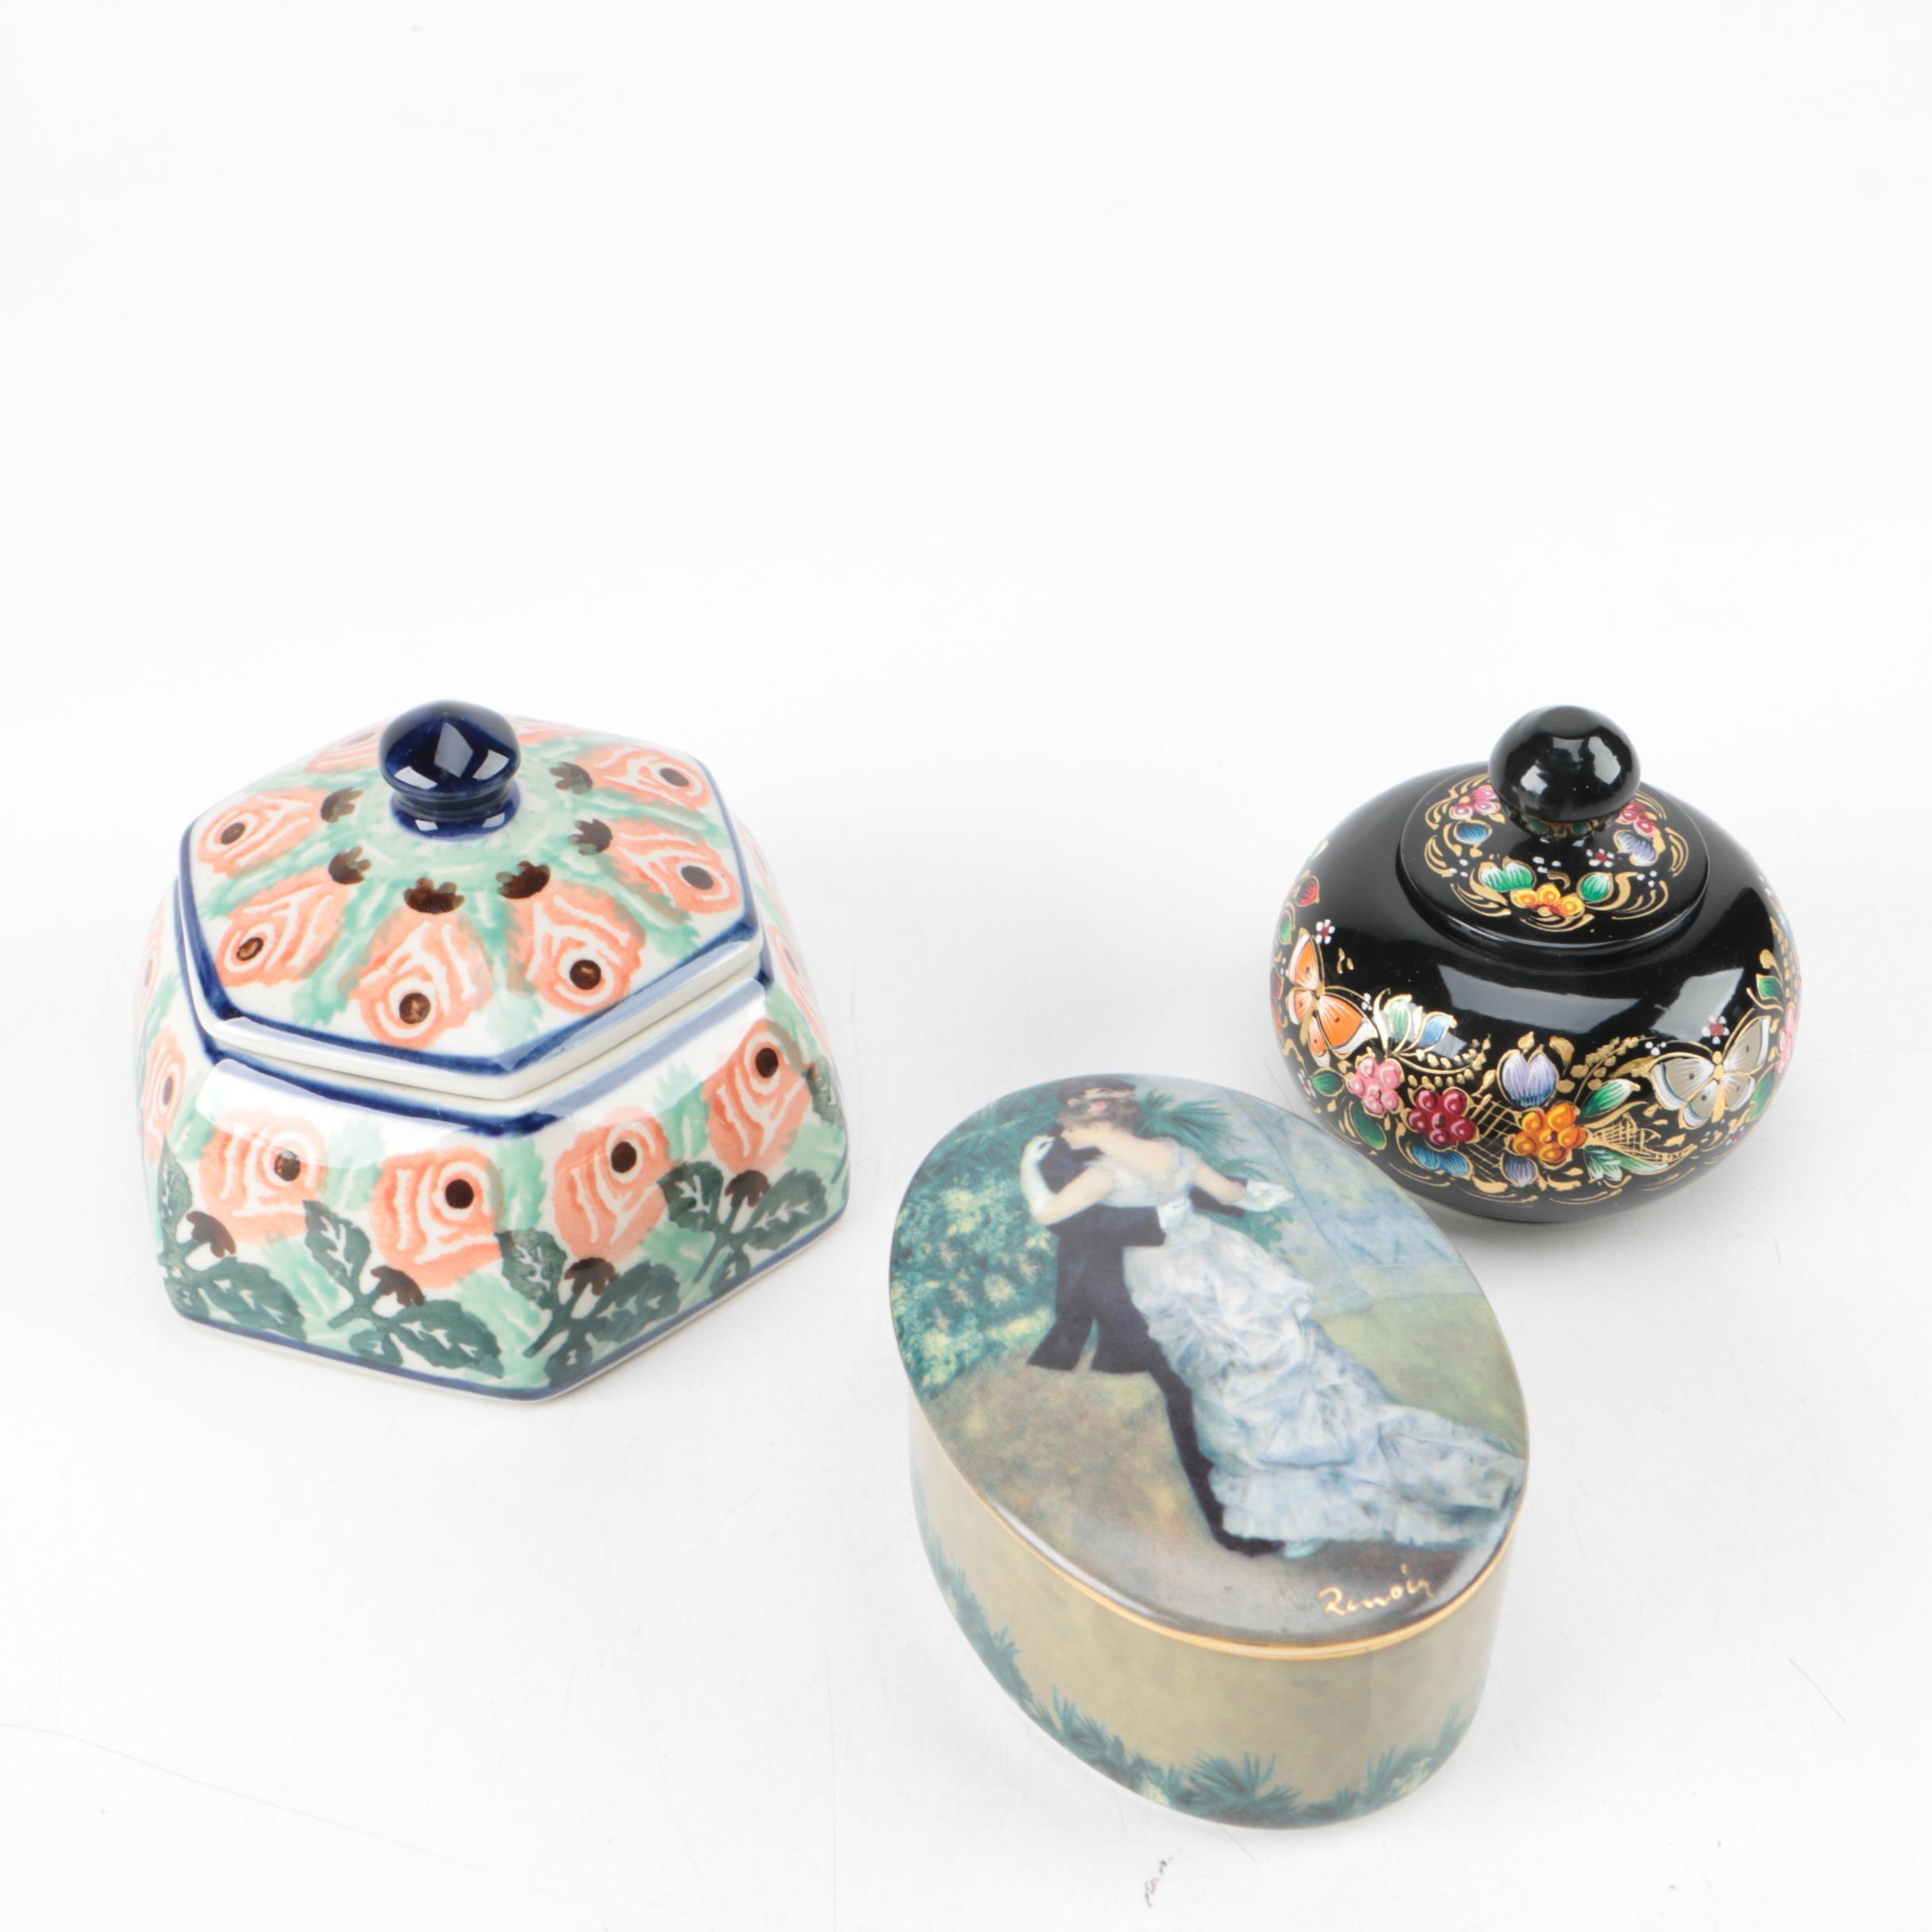 """Goebel """"Danse en Ville"""" Ceramic Trinket Dish After Renoir and Assorted Decor"""